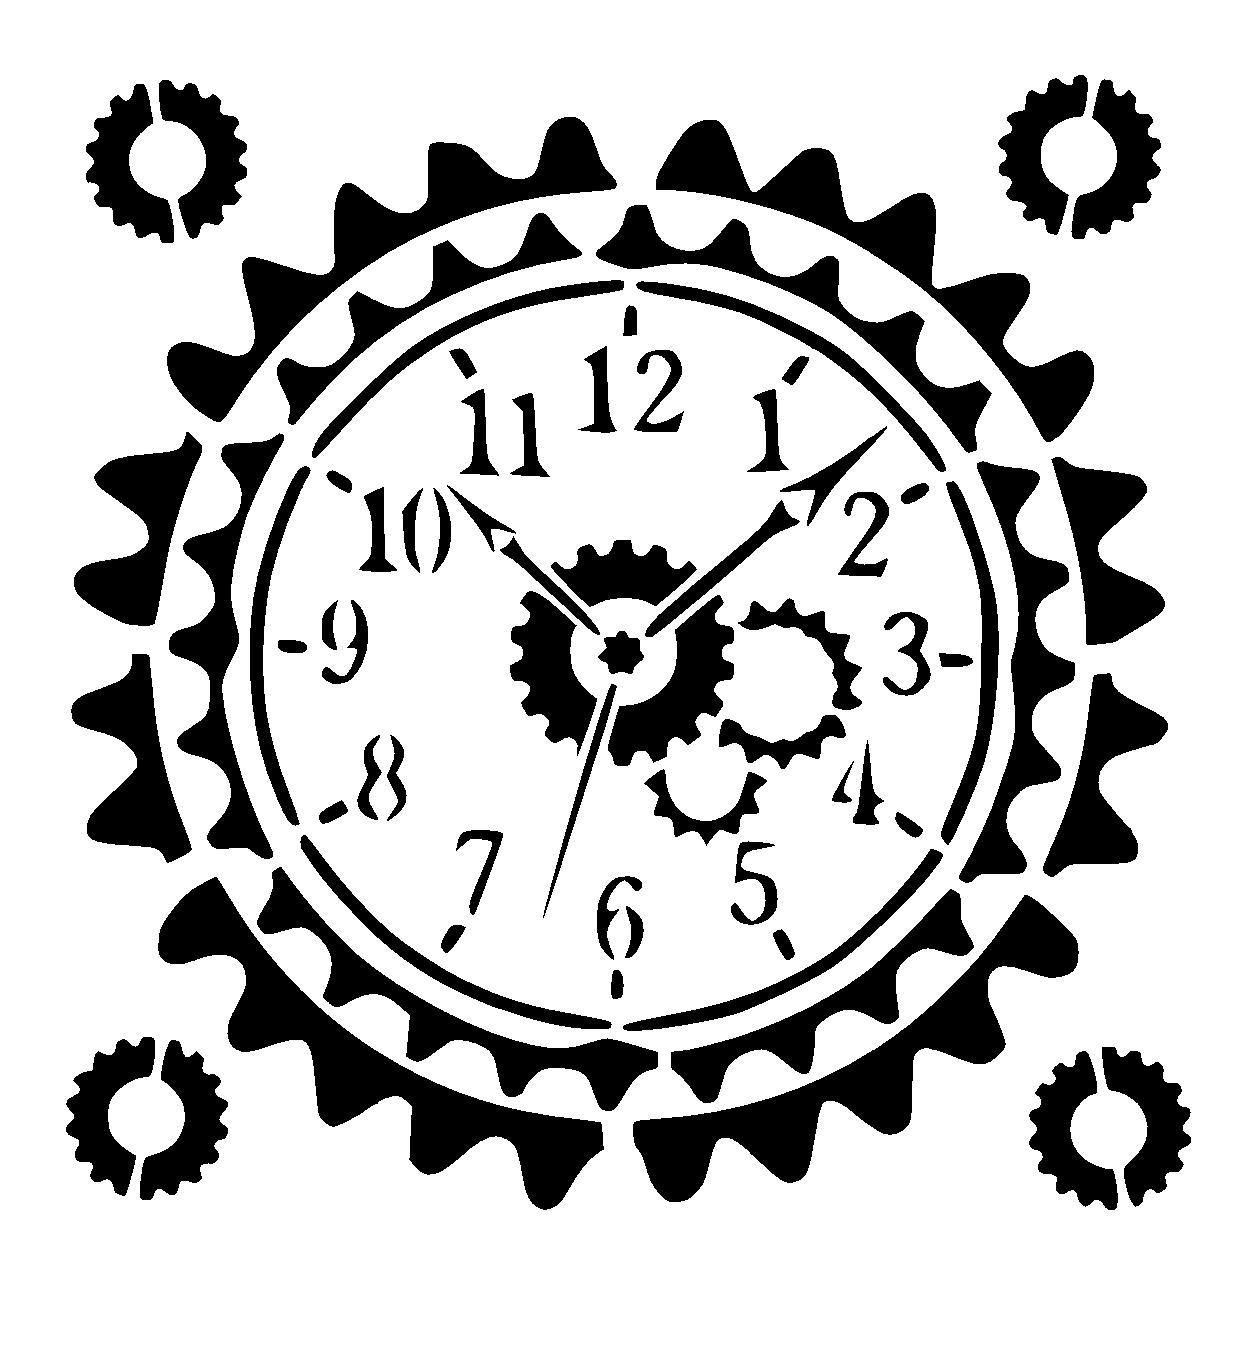 steampunk clock stencil craft,fabric,glass,furniture,wall art in | eBay